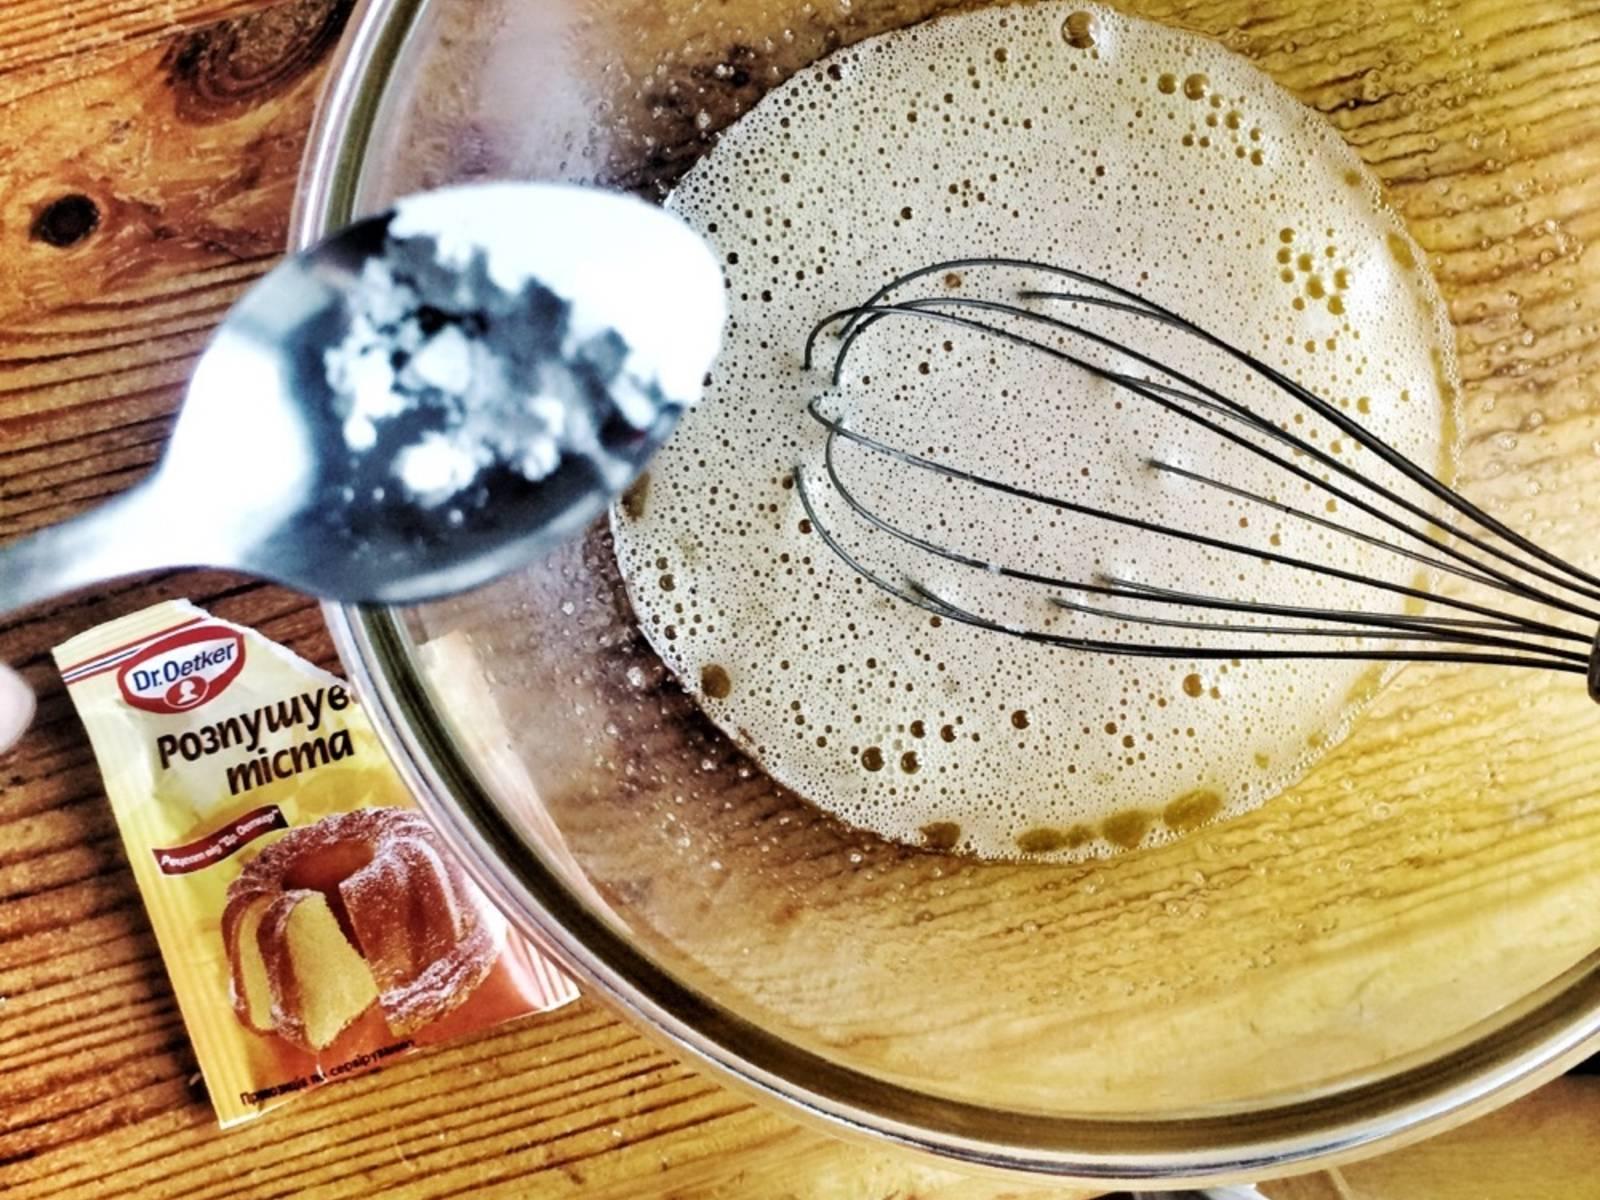 Add baking powder and mix.